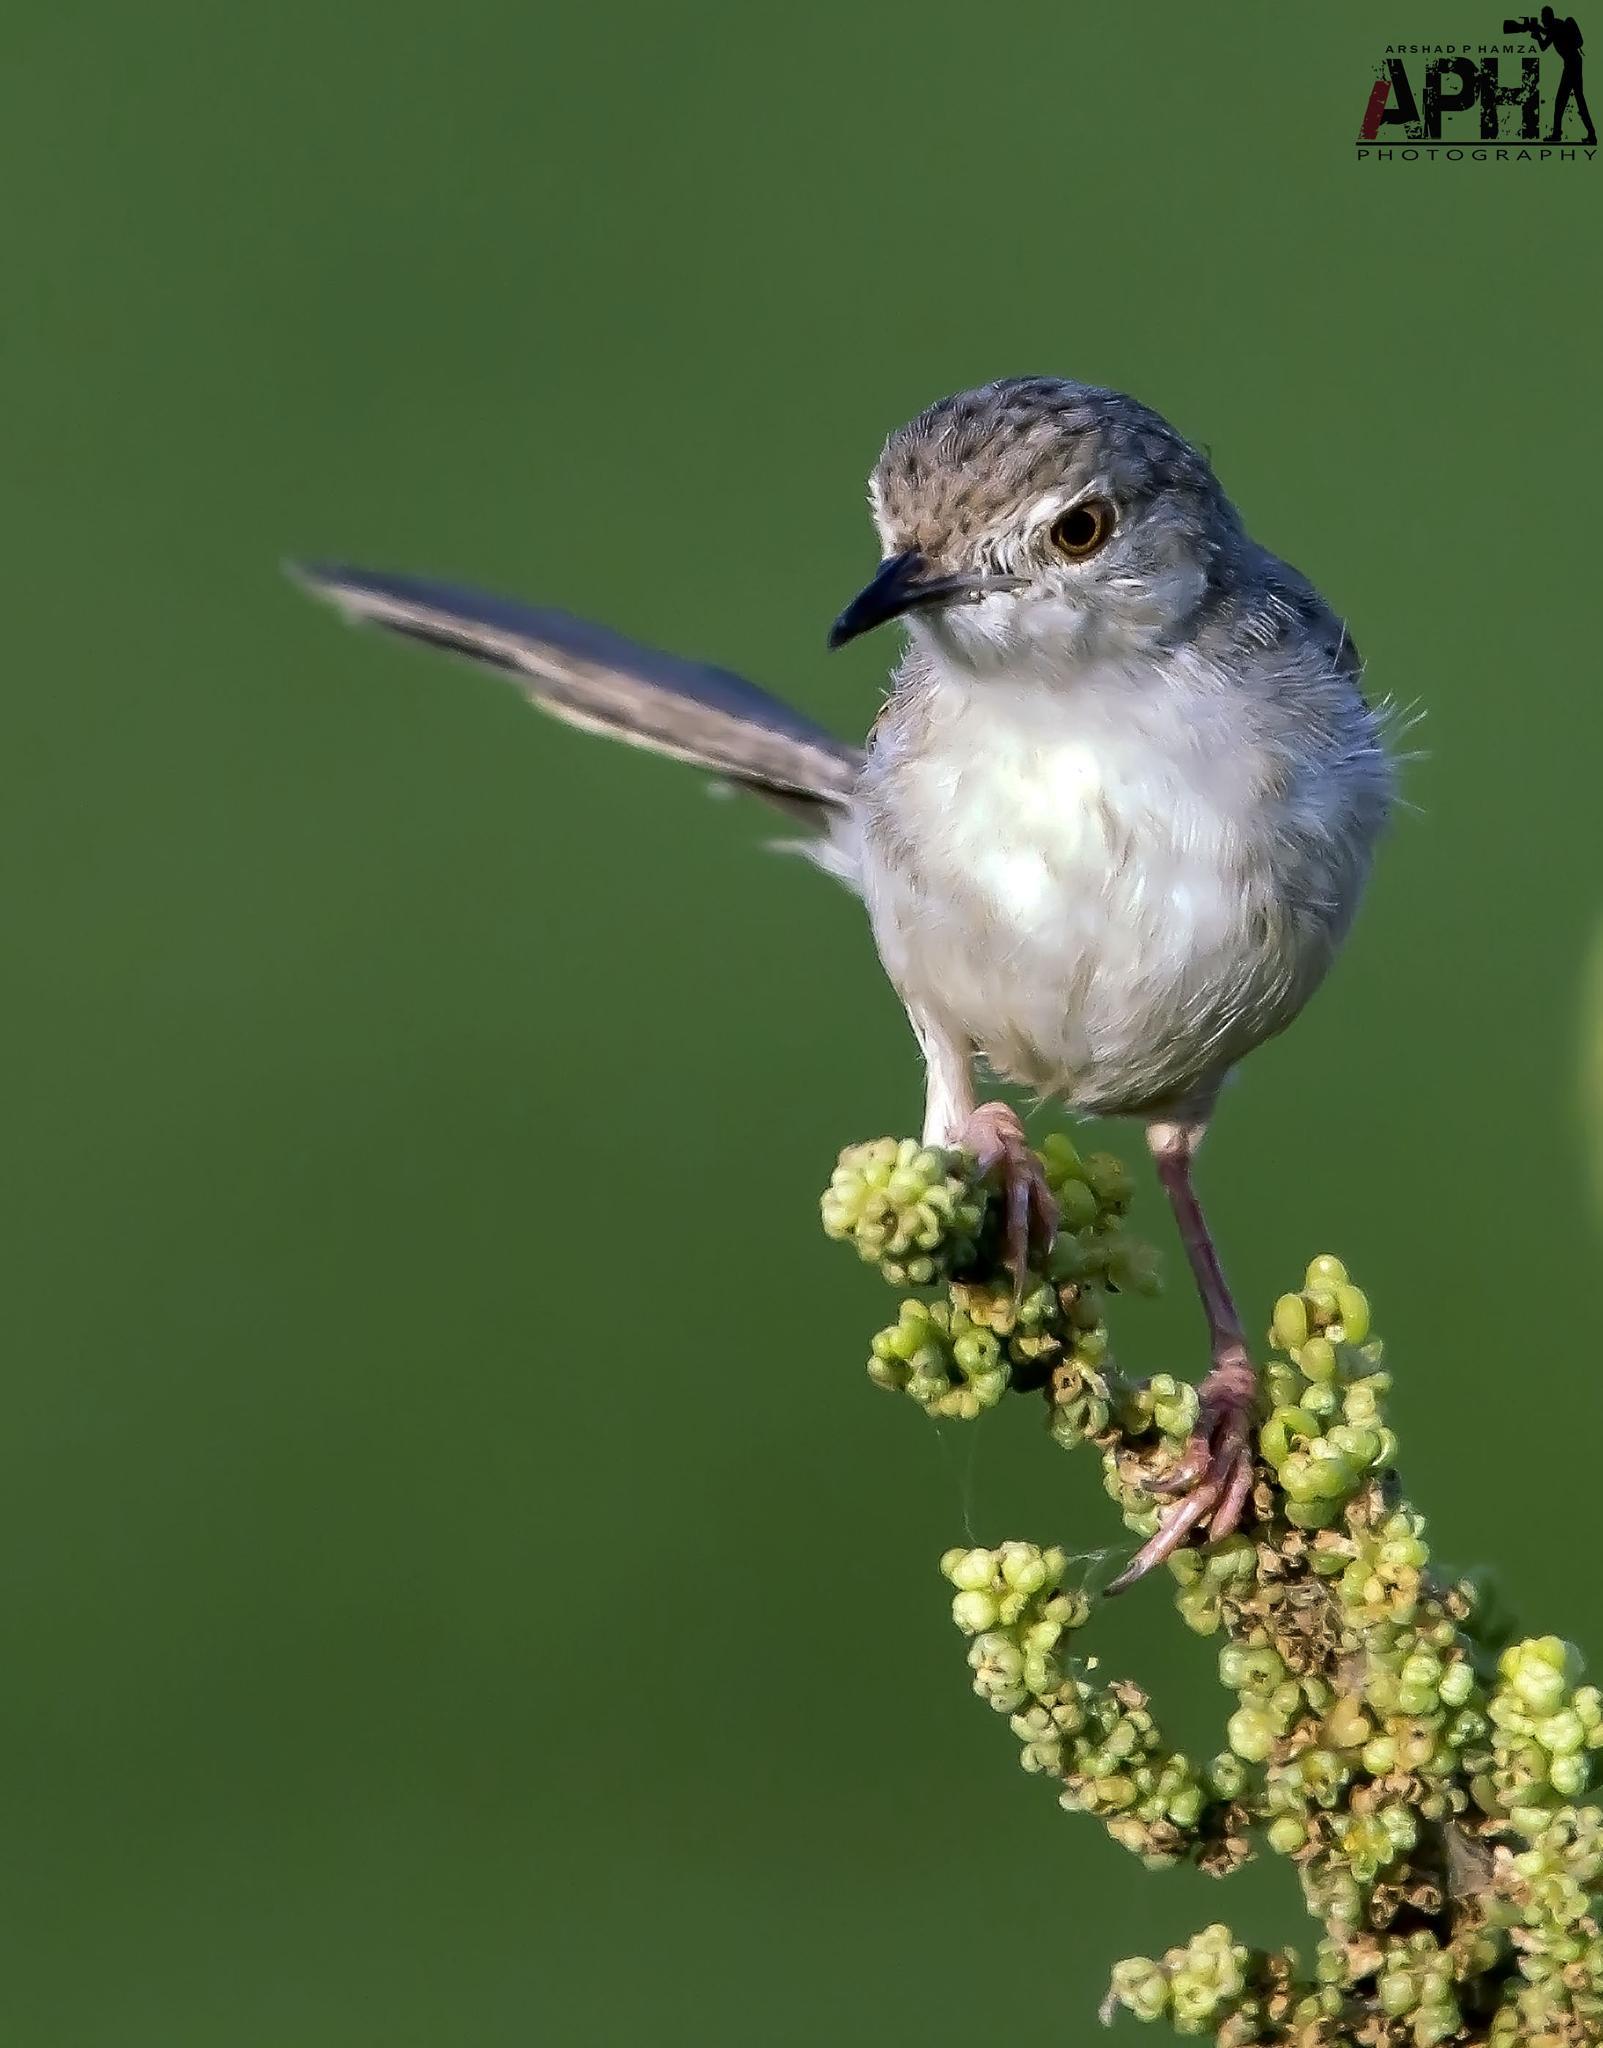 Small bird by arshadphamza